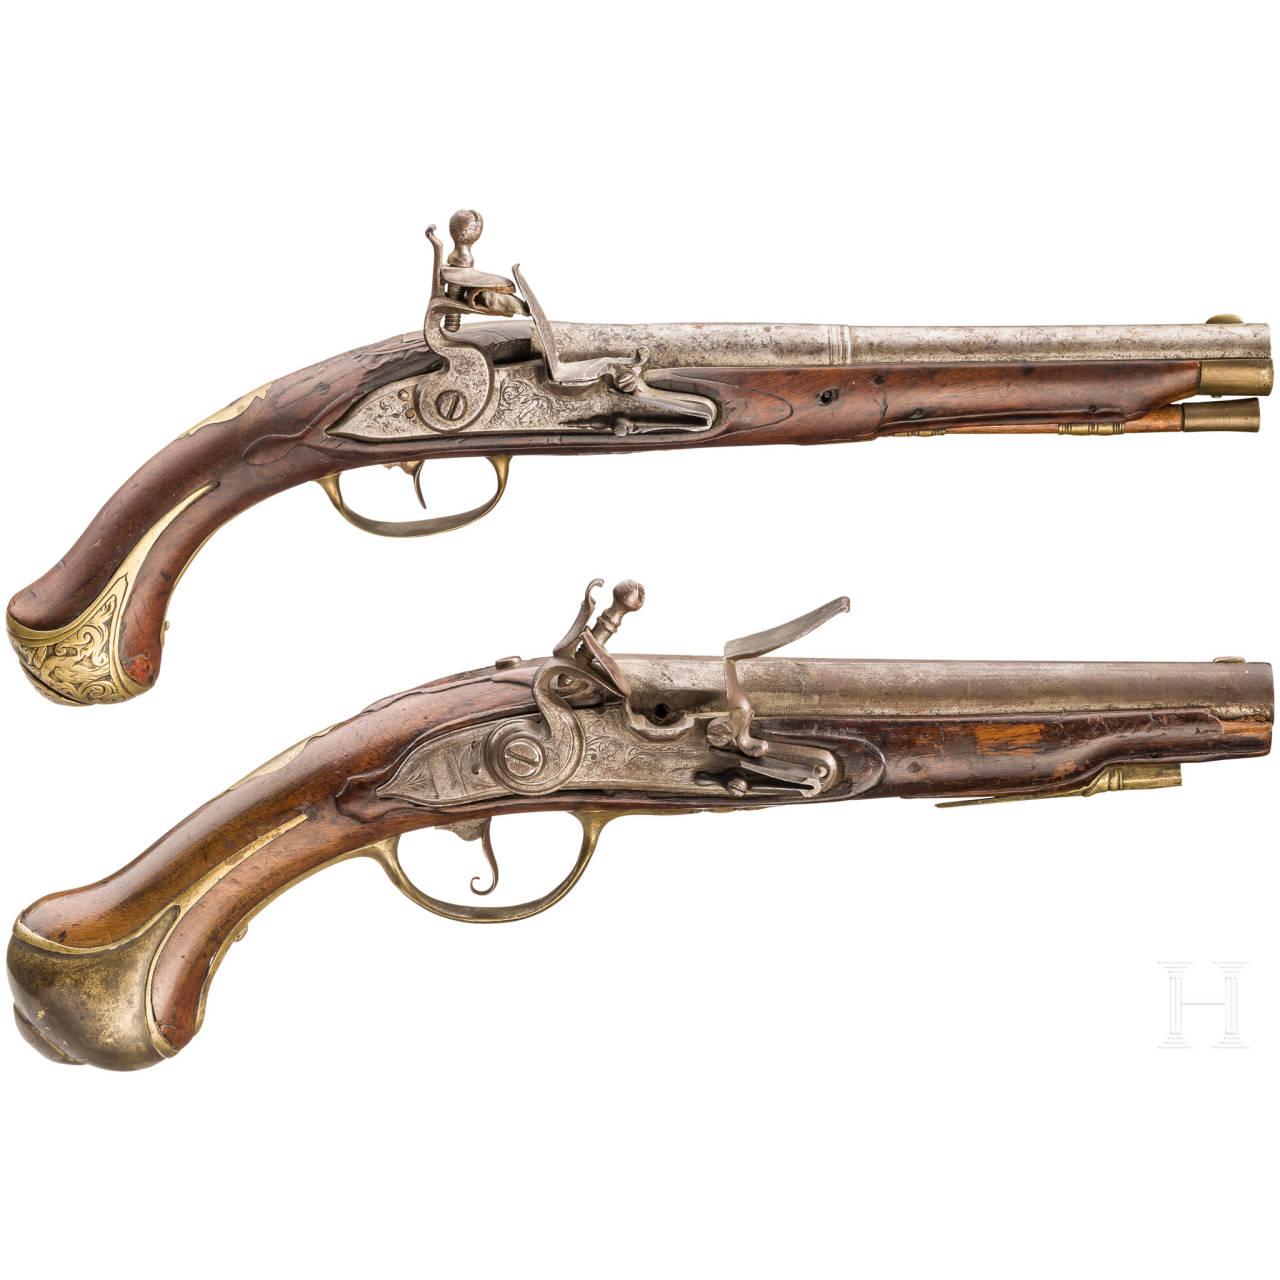 Two flintlock pistols, 18th century